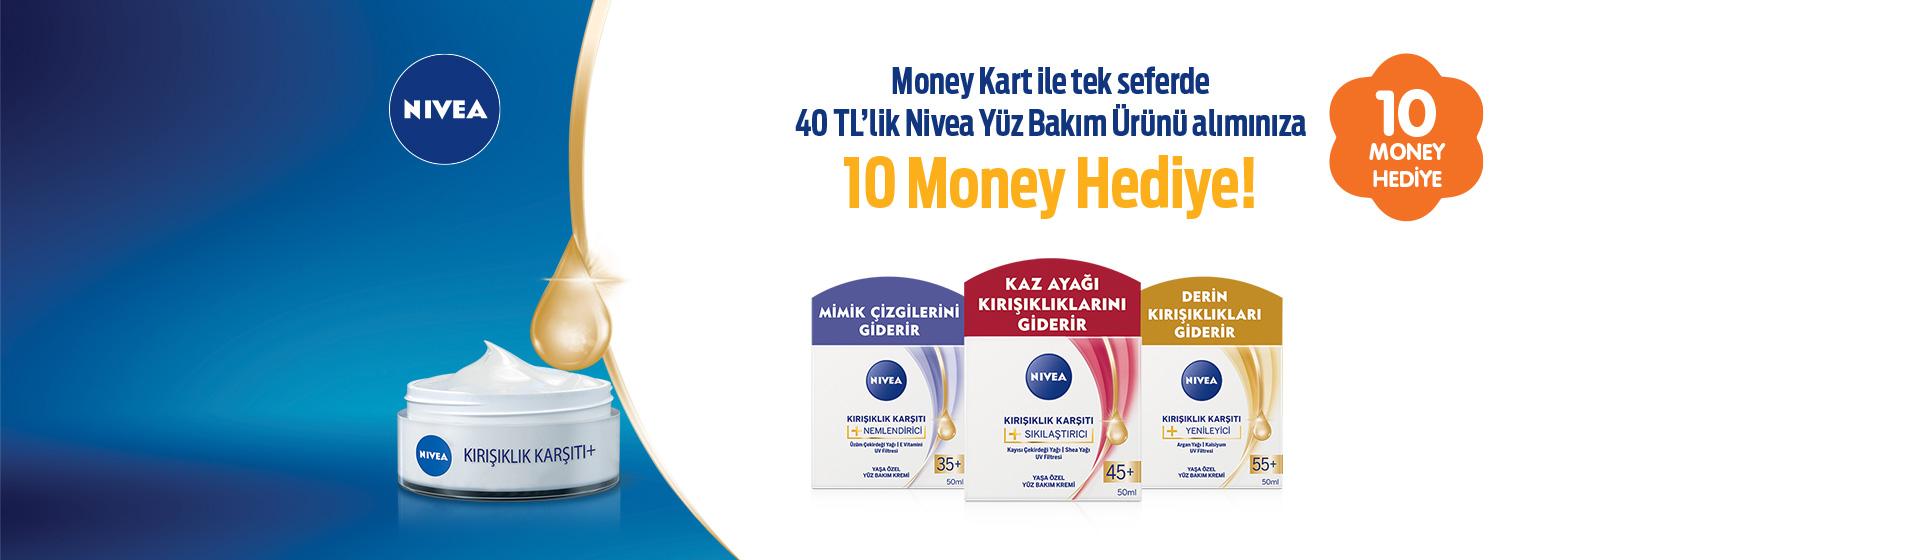 Nivea Money Kampanyası